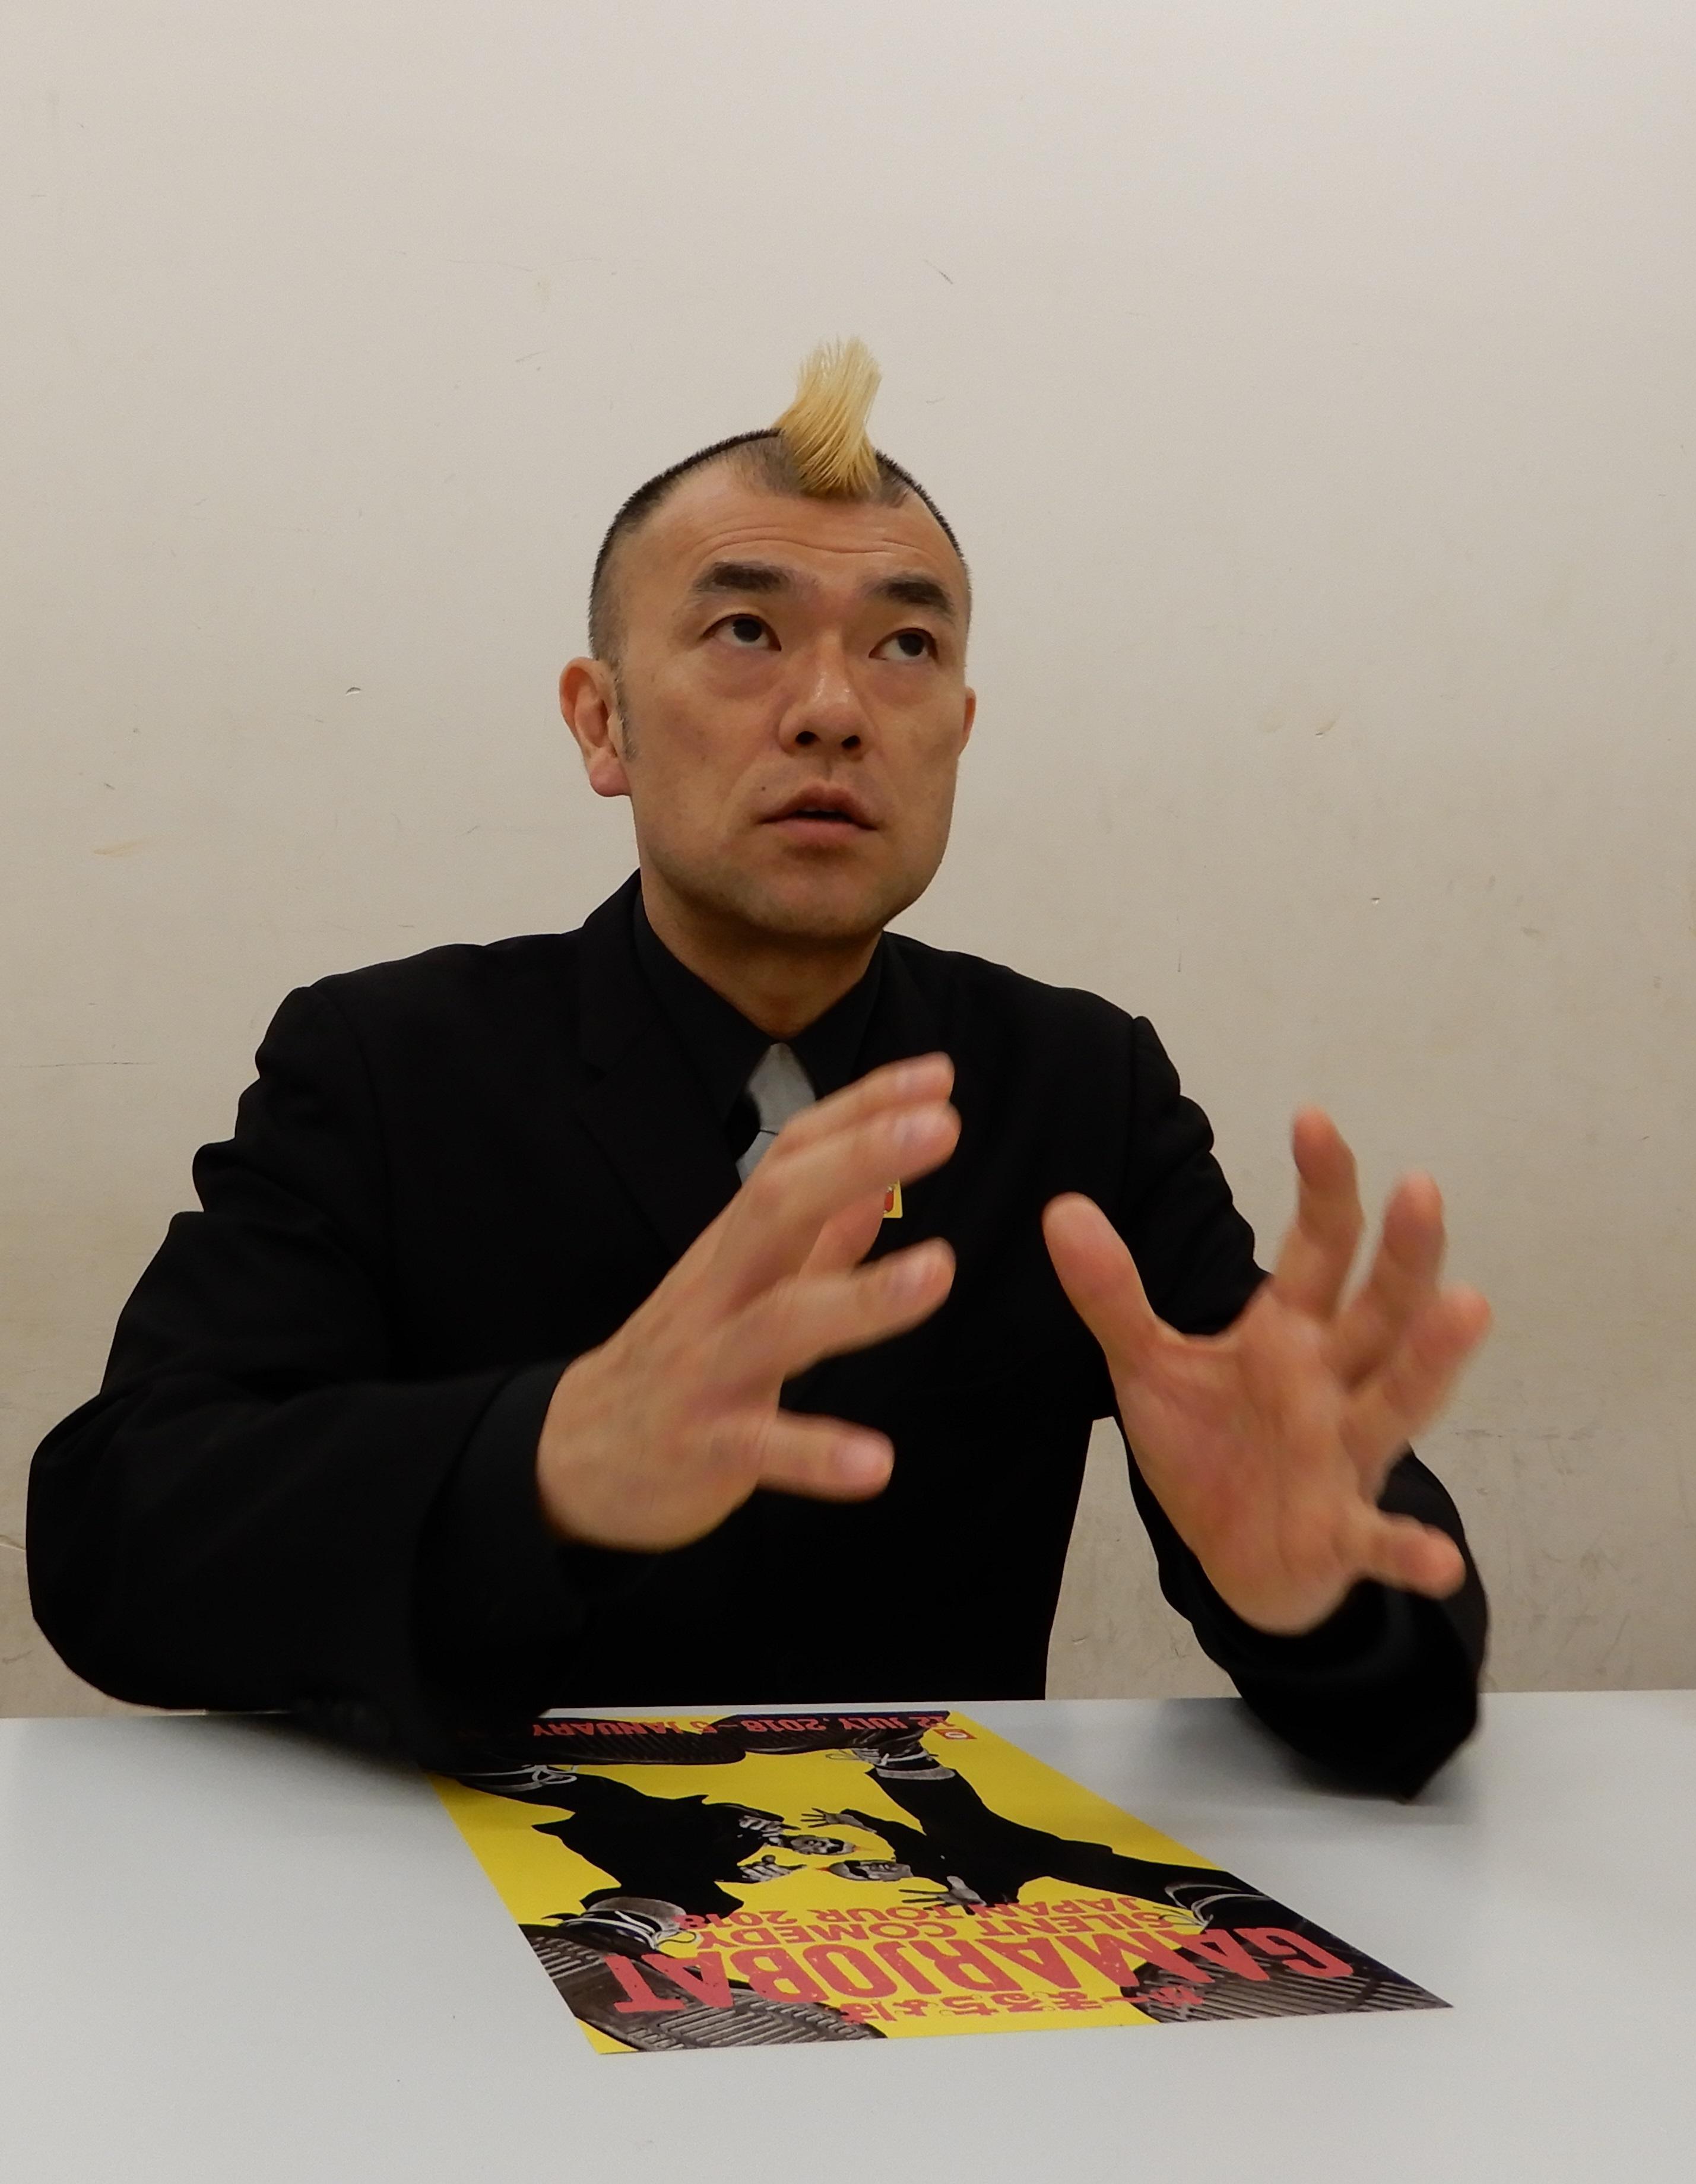 http://news.yoshimoto.co.jp/20180601152929-c0d37983a0def0f2d241fa48212fe325c2bde2f4.jpg